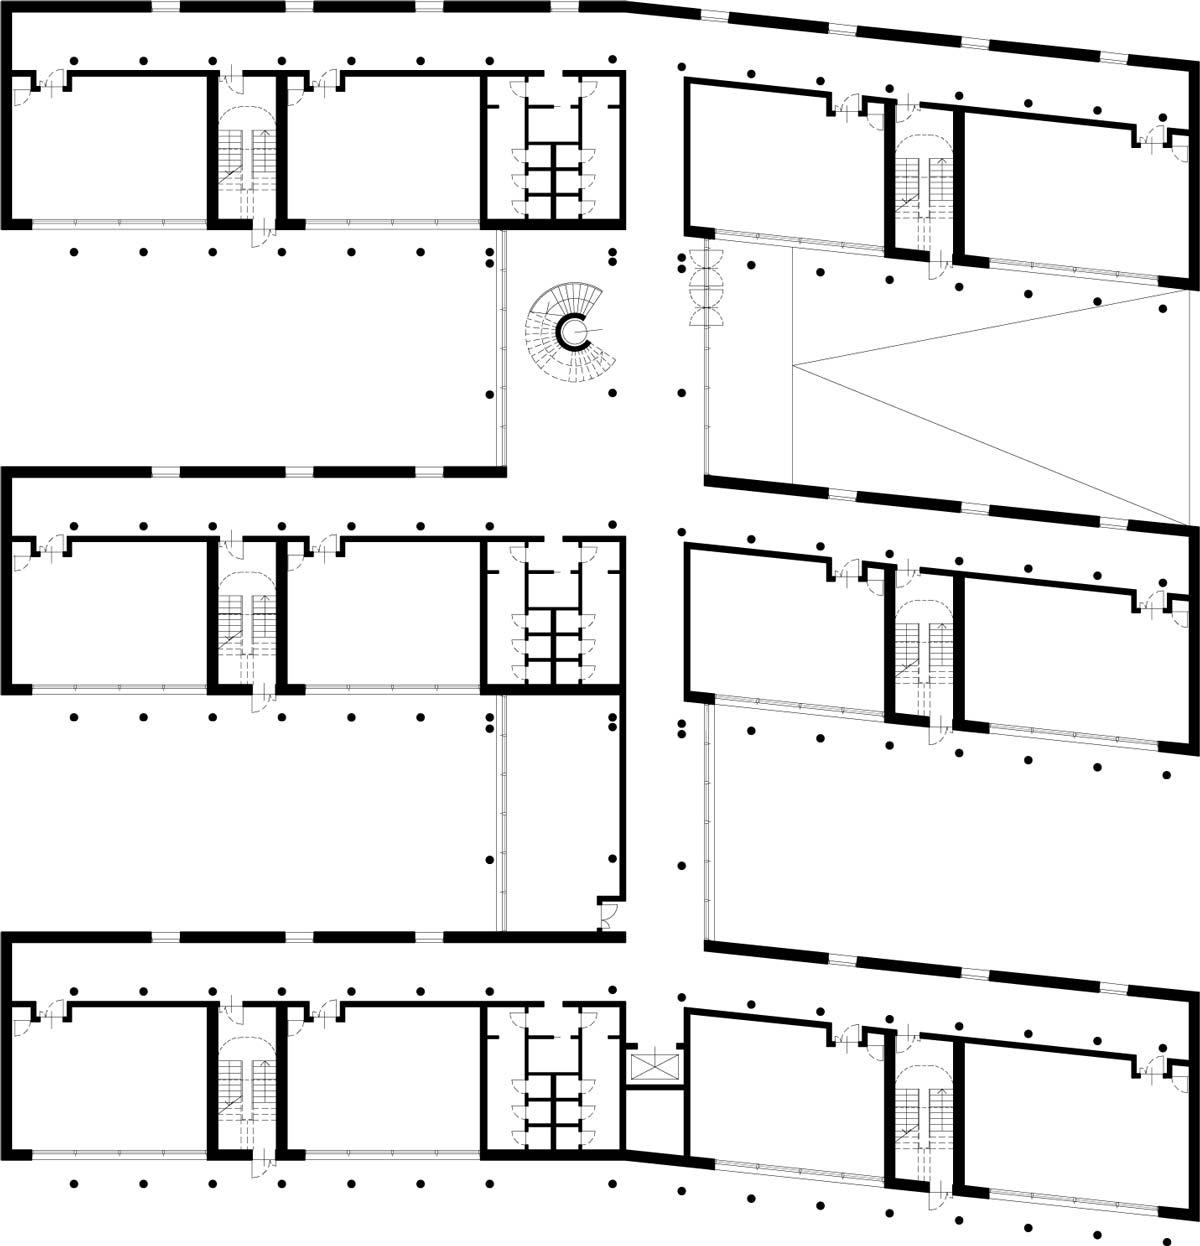 Degli-Esposti-Architetti_Caraglio-New-School-Complex_08a